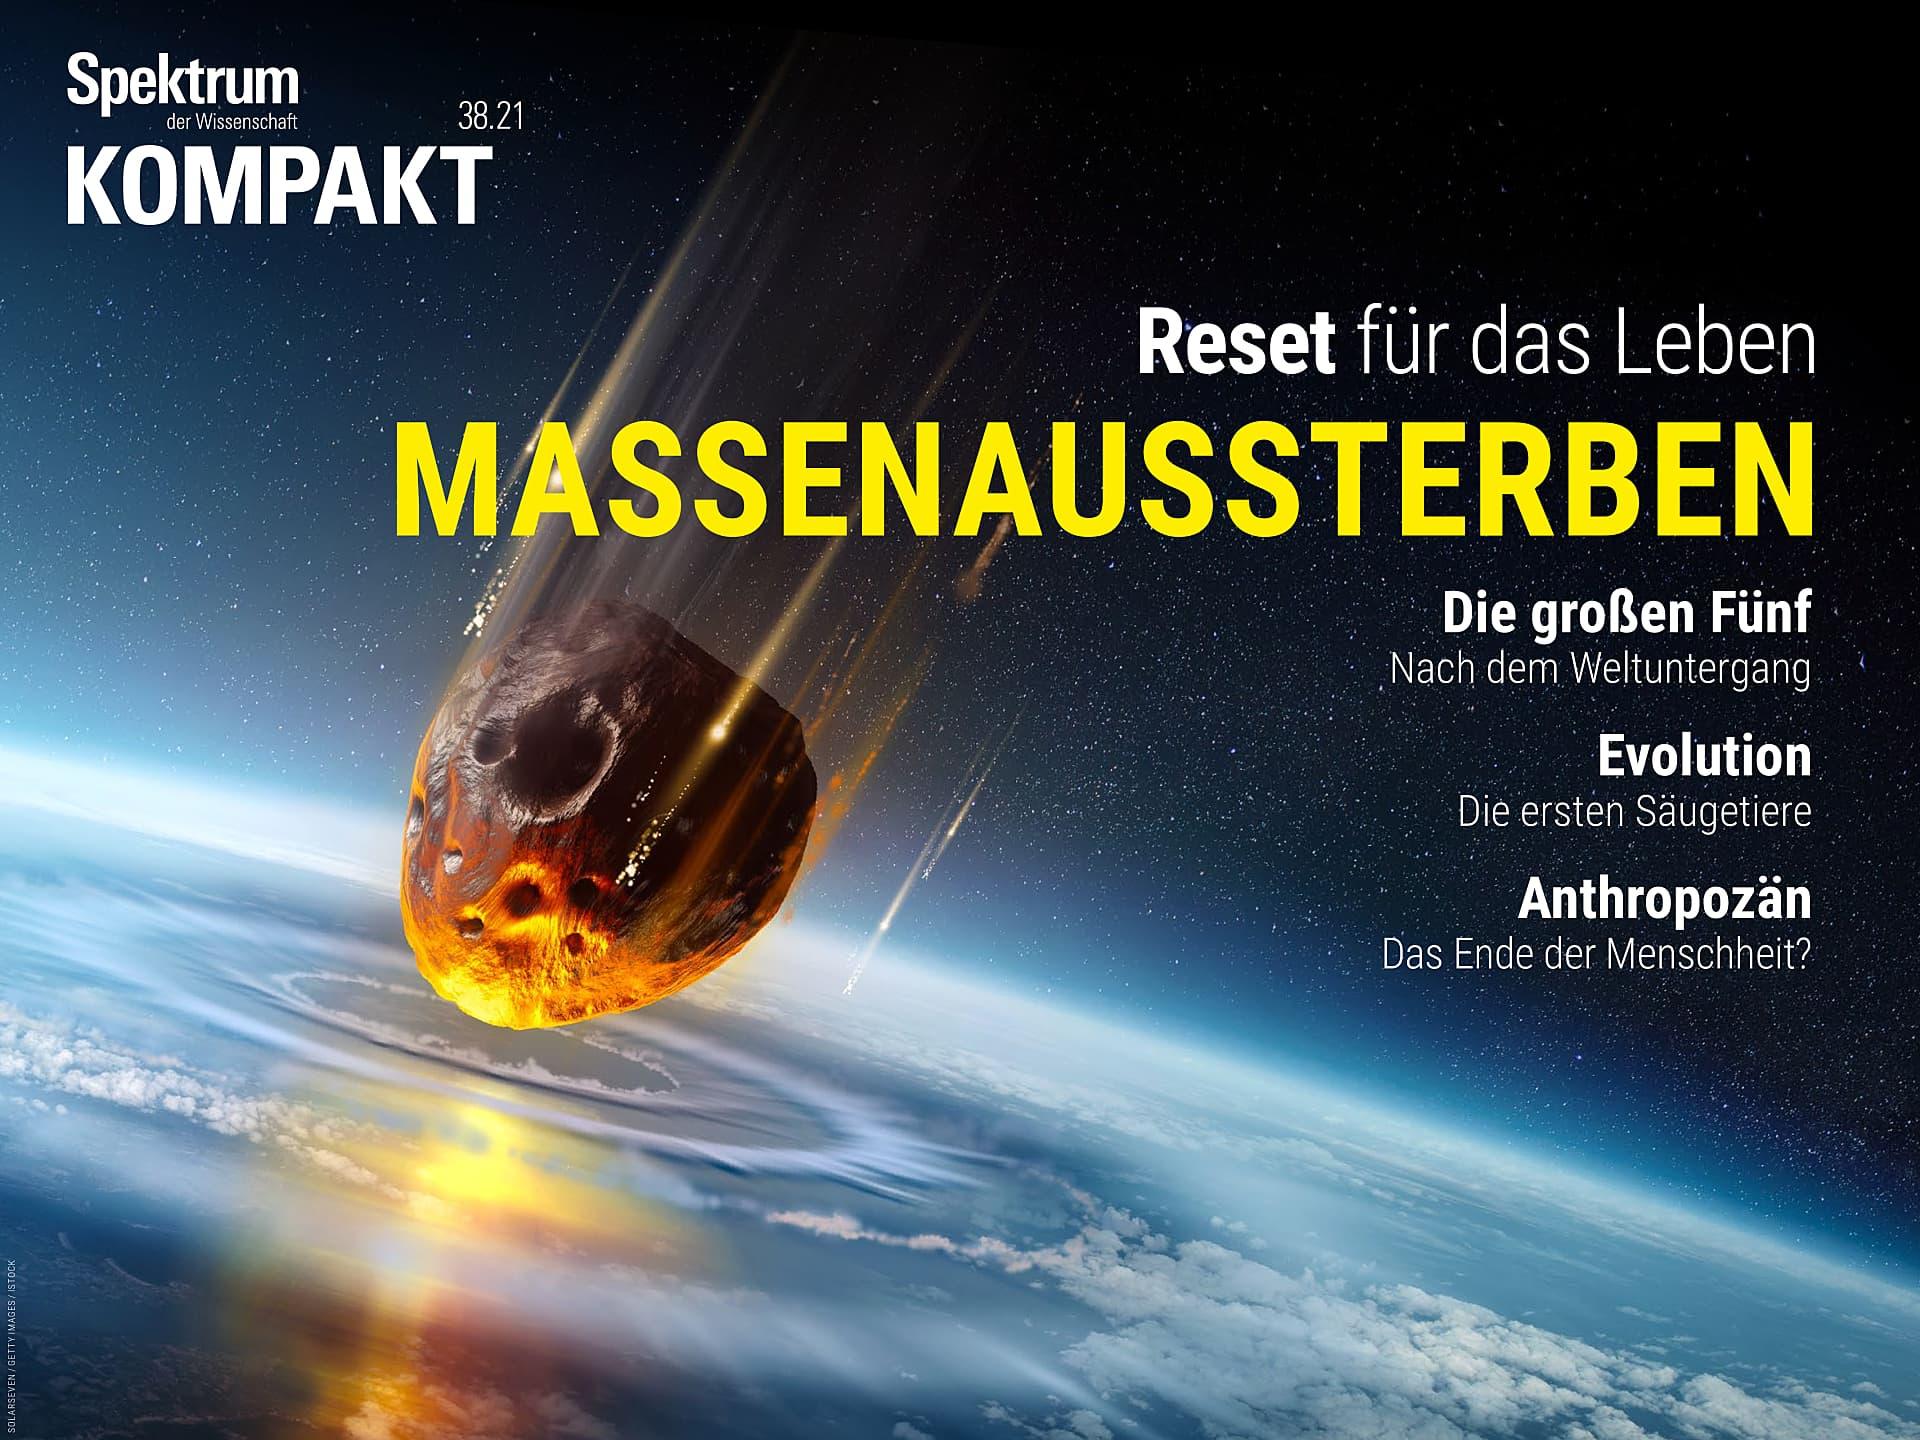 Massenaussterben - Reset für das Leben